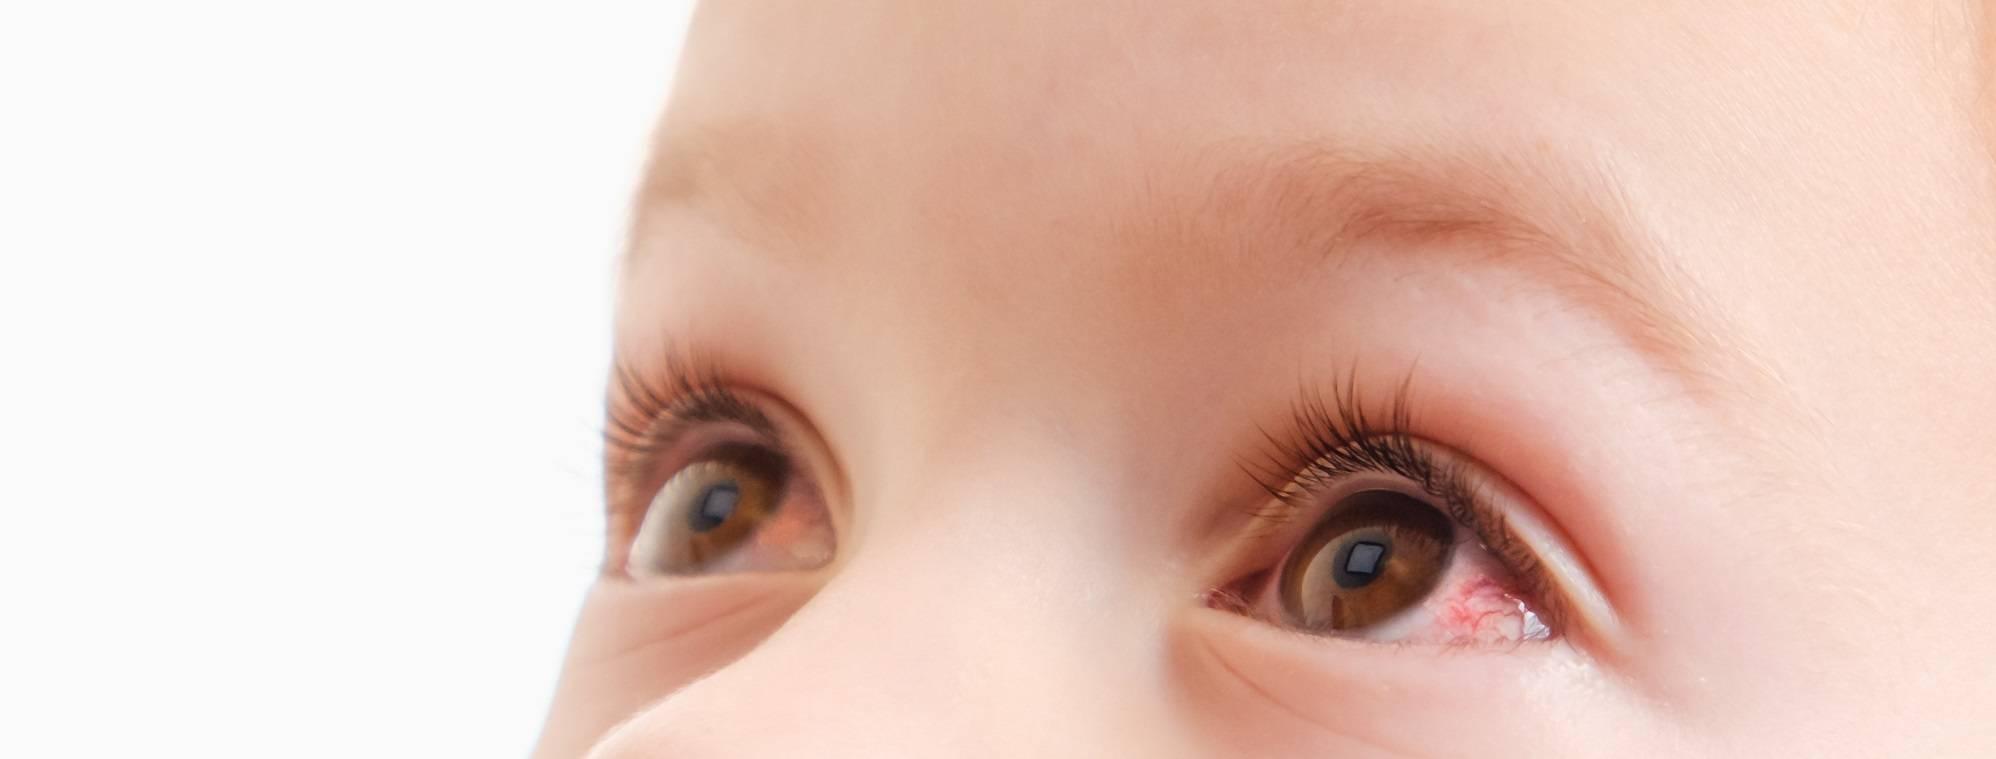 почему лопаются сосуды в глазах у ребенка